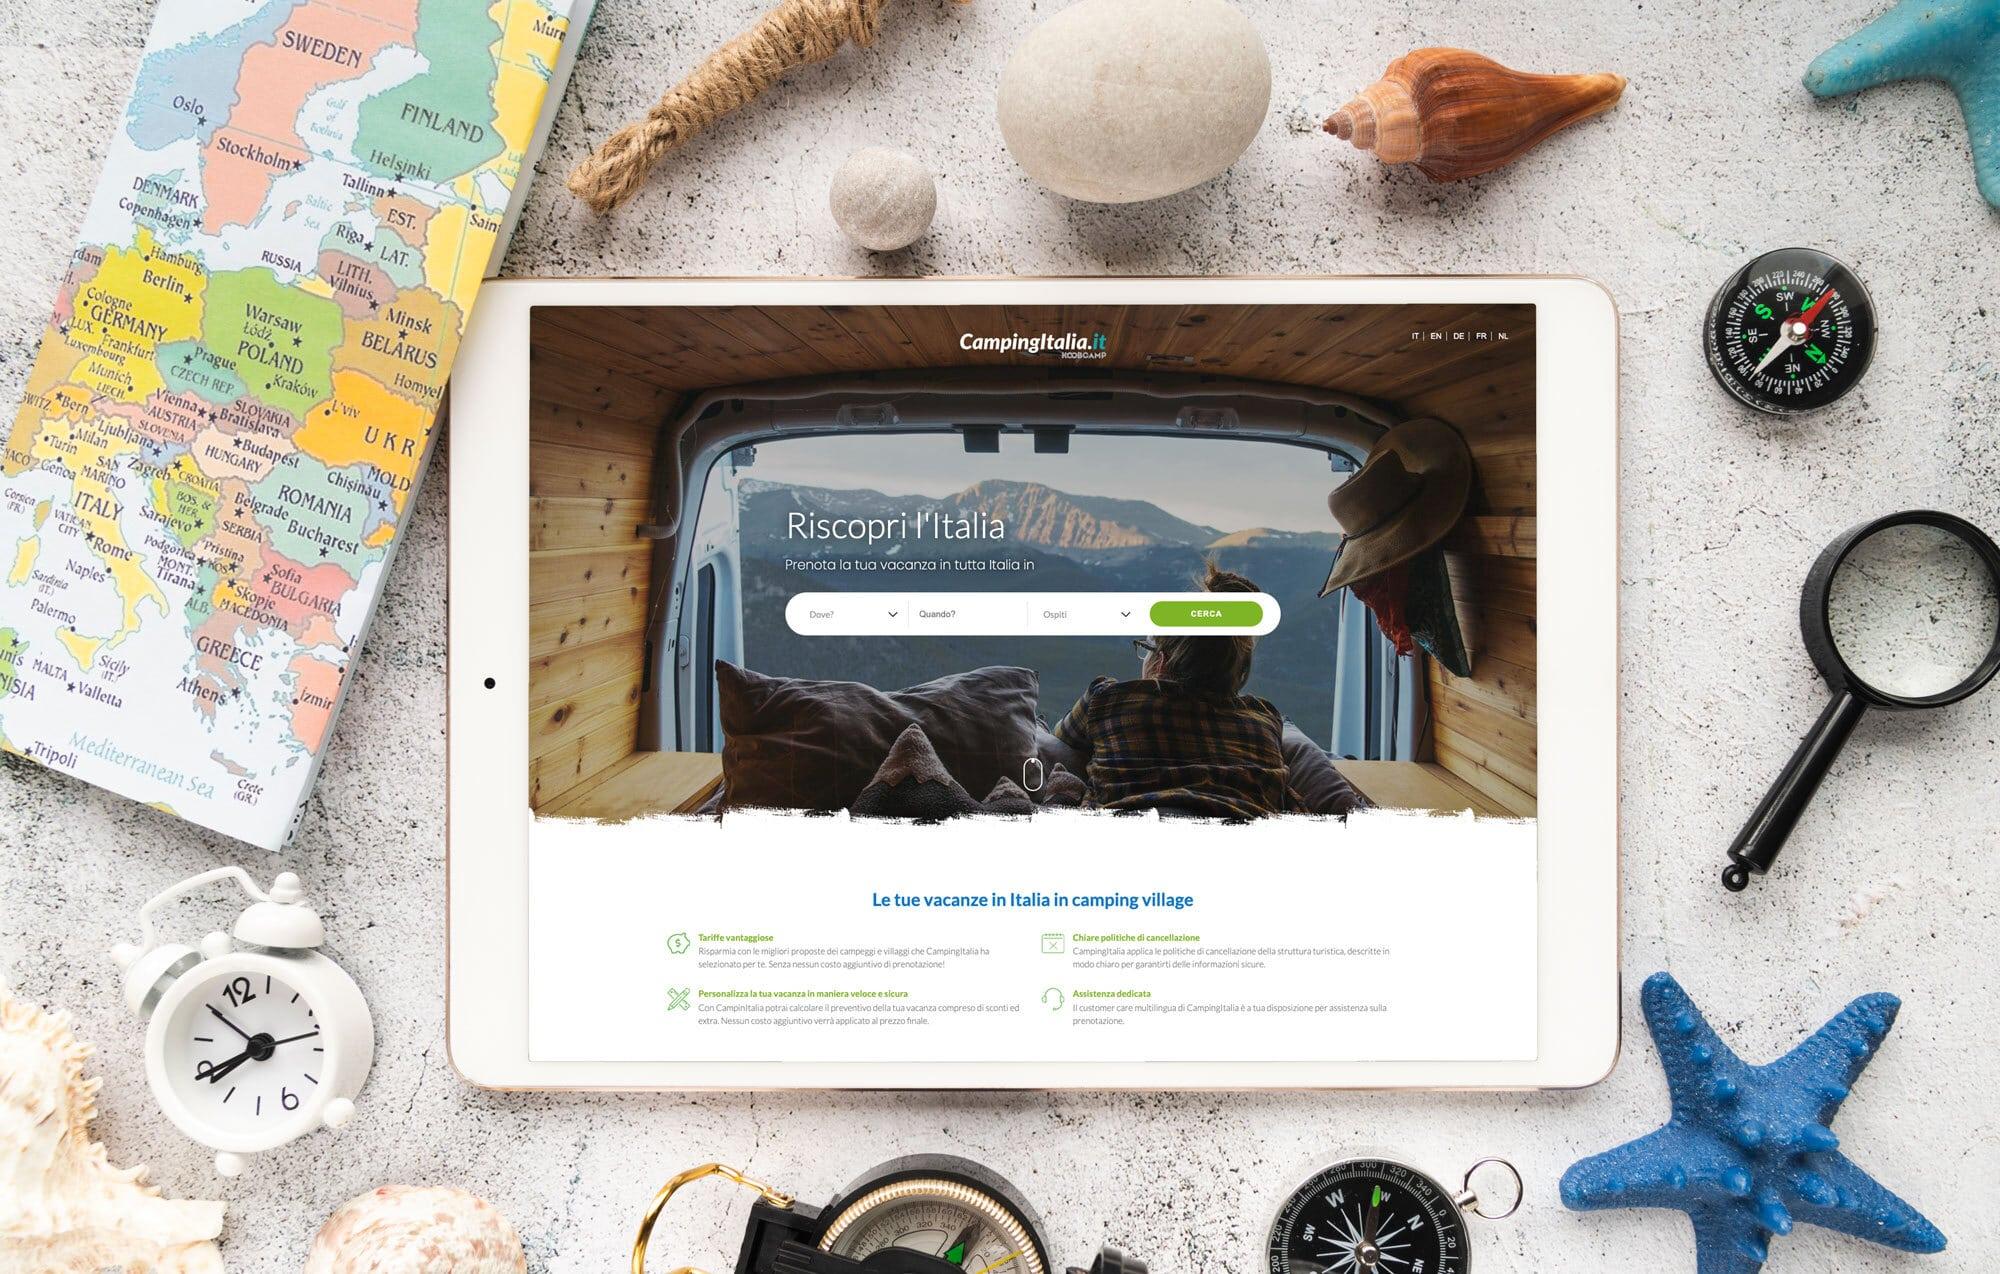 Assicurazione gratuita per i tuoi viaggi: l'iniziativa di CampingItalia.it thumbnail